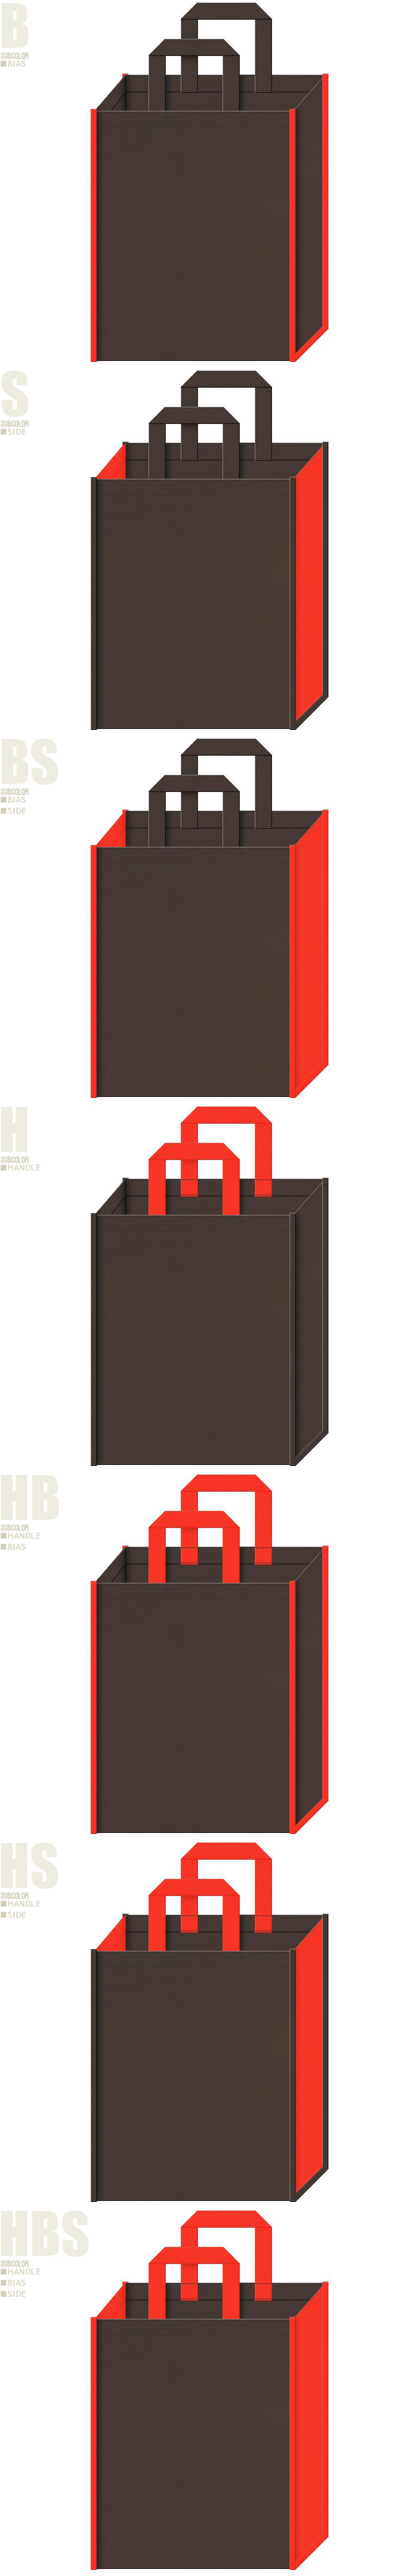 ハロウィンの不織布バッグにお奨めの配色です。こげ茶色とオレンジ色、7パターンの不織布トートバッグ配色デザイン例。